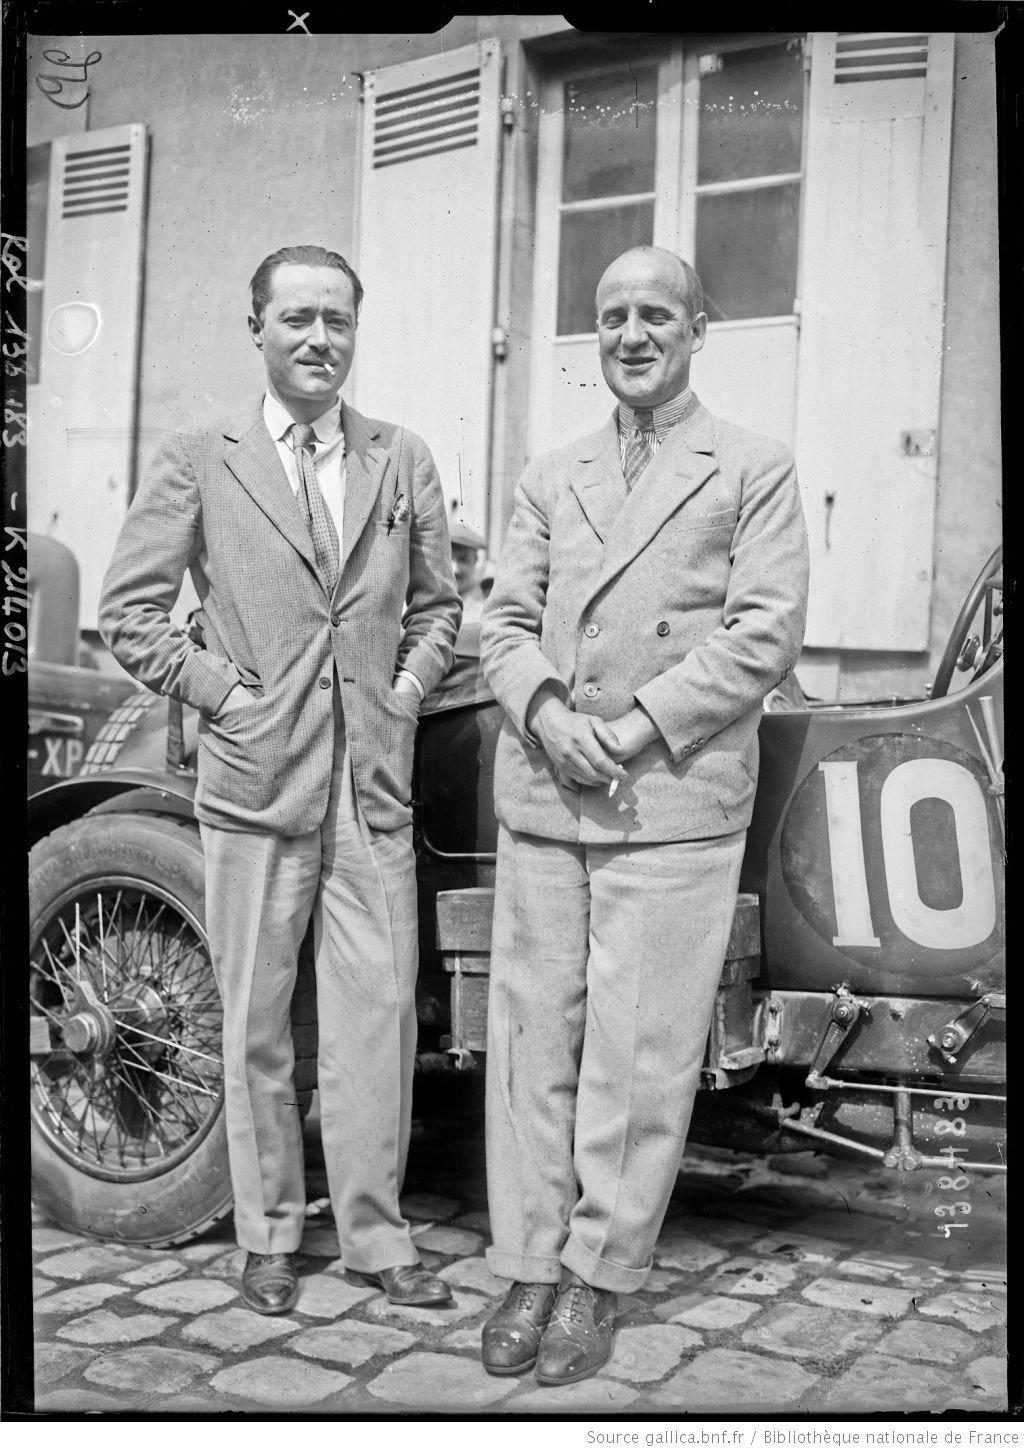 [De gauche à droite,] d'Erlanger, Benjafield sur Bentley [coureurs automobiles franco-britanniques, au pesage des 24 h du Mans, le 130629]  [photographie de presse]  [Agence Rol].